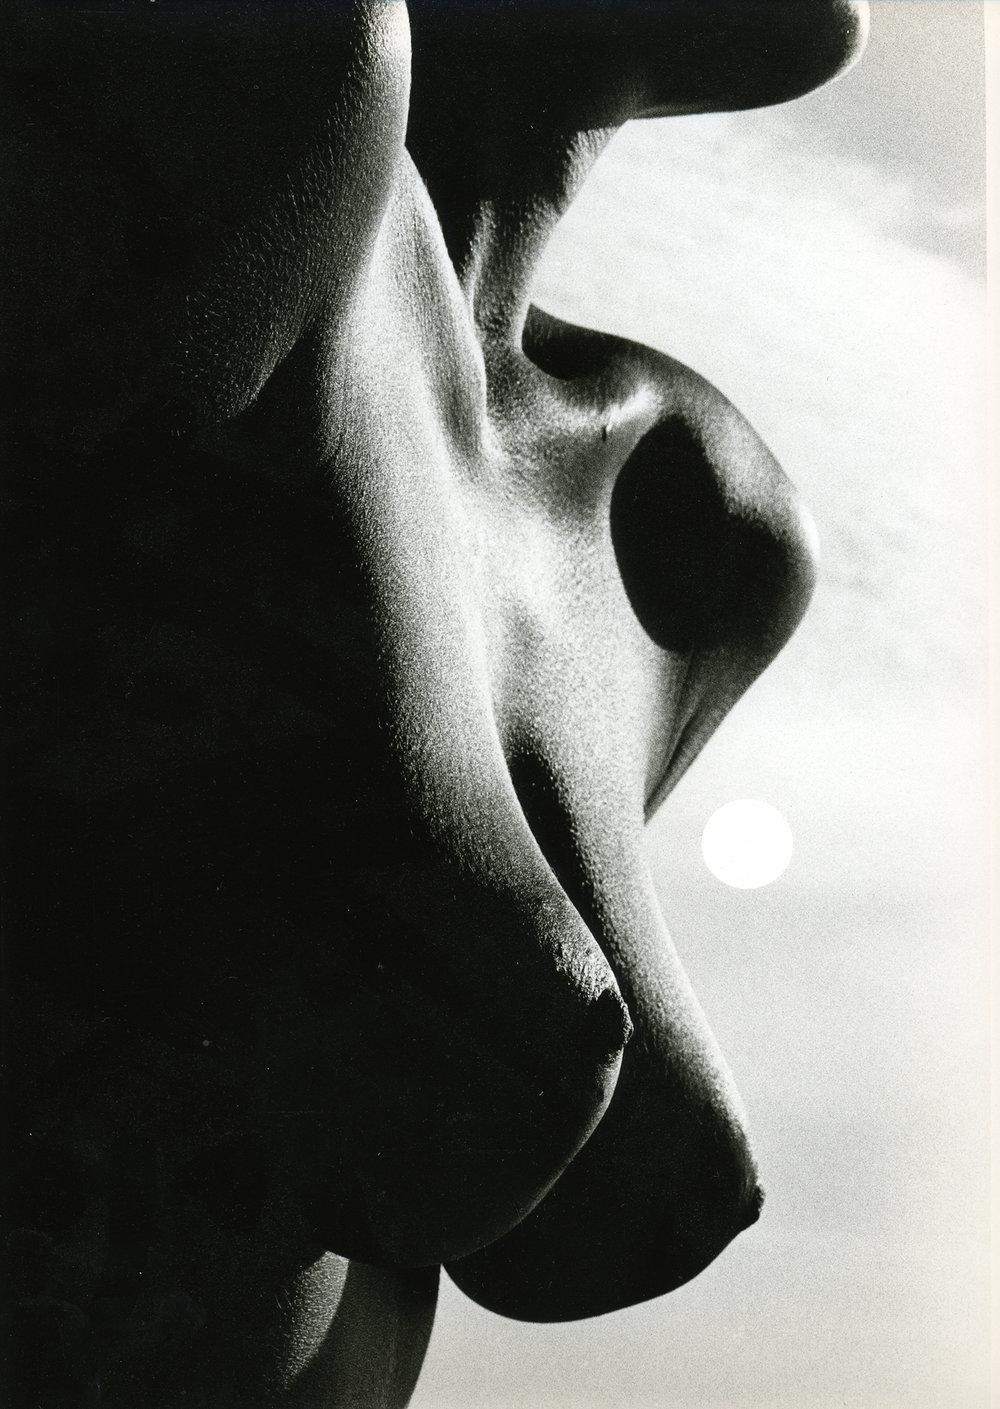 NUDE 6, 1994